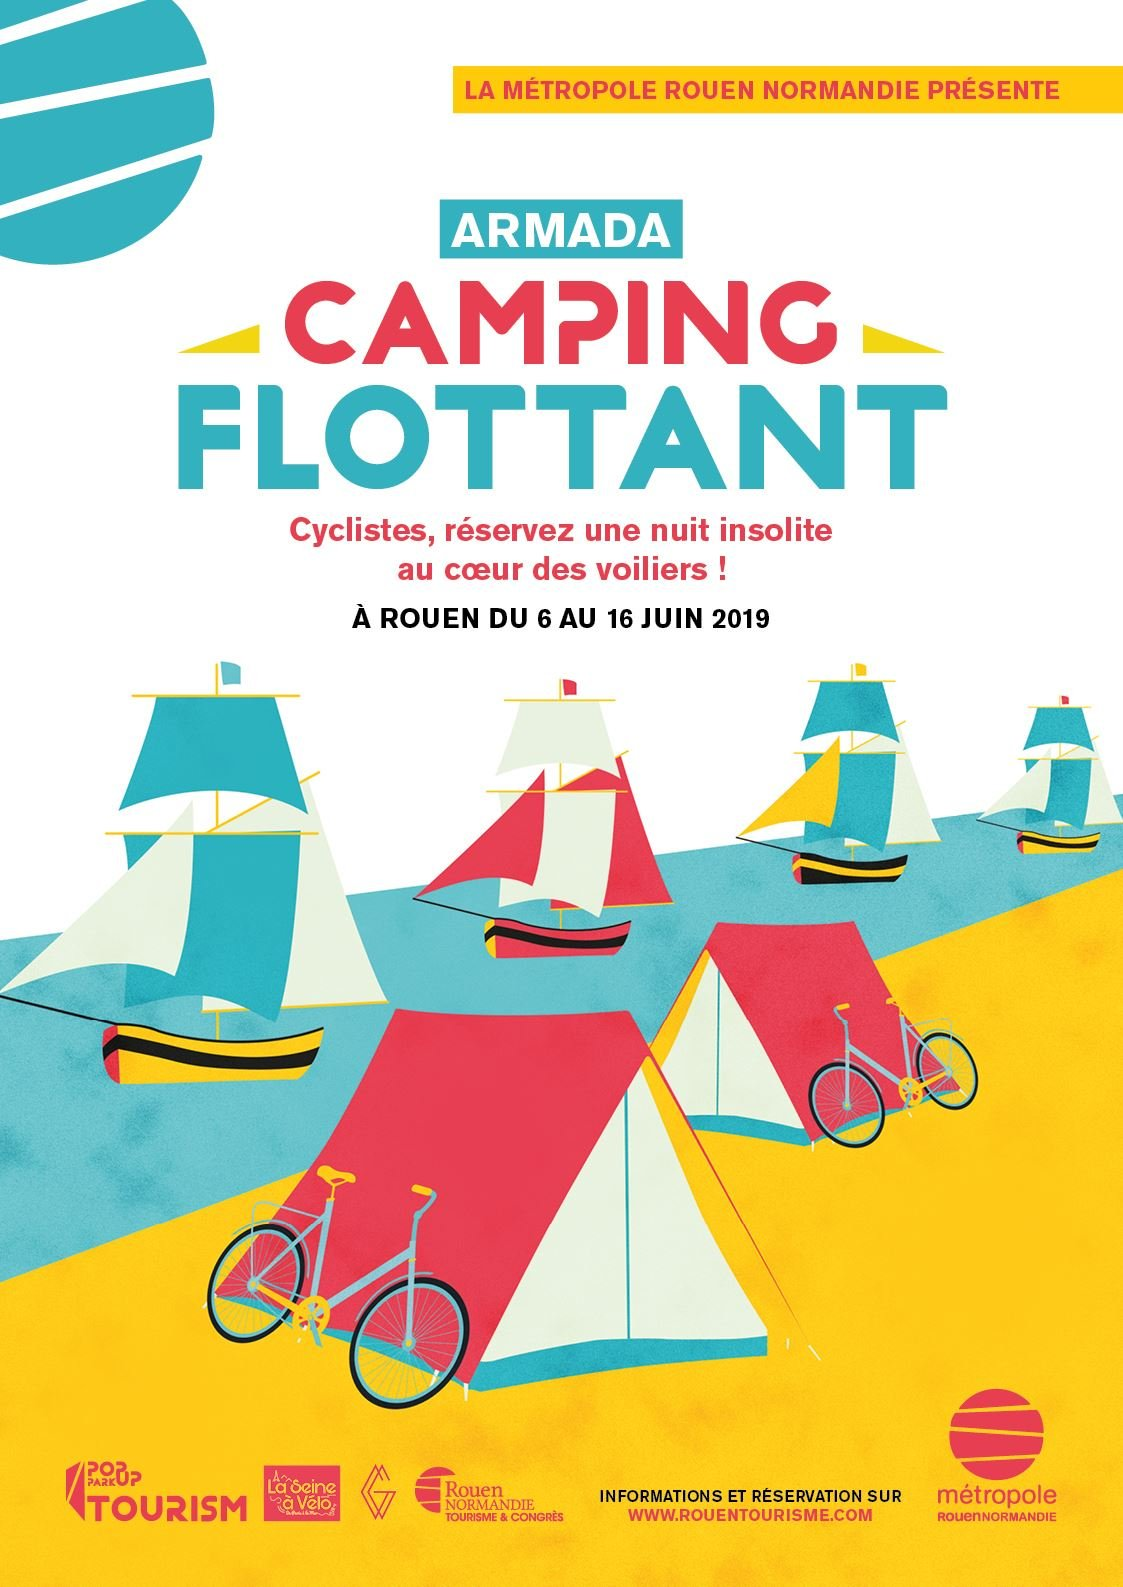 Camping flottant au cœur de l'Armada (offre réservée aux cyclistes)